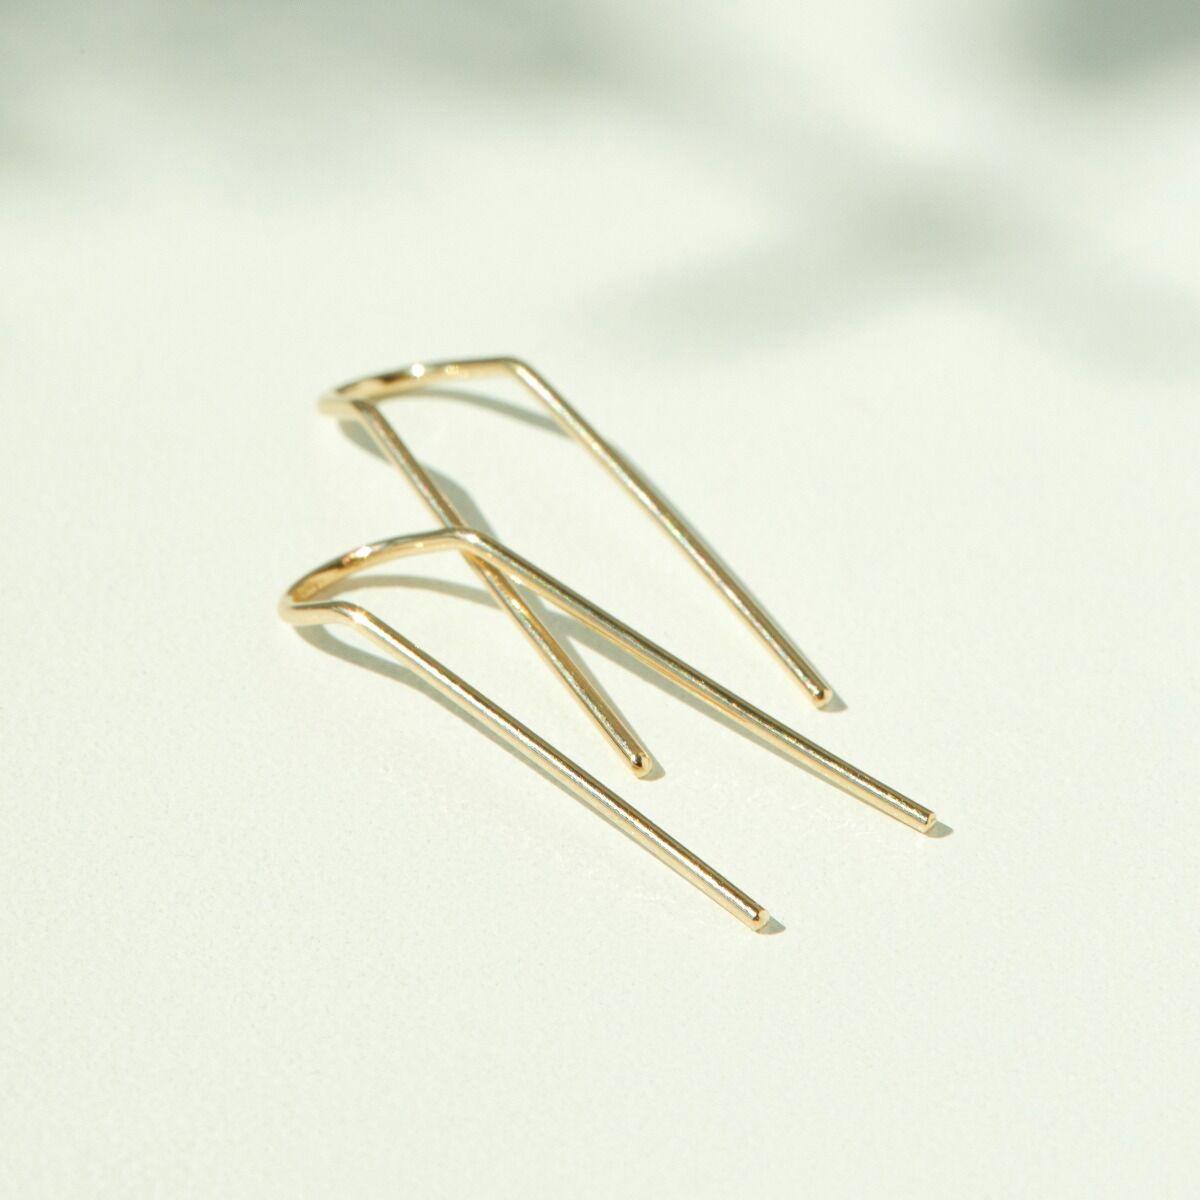 Staple Stud (single) image